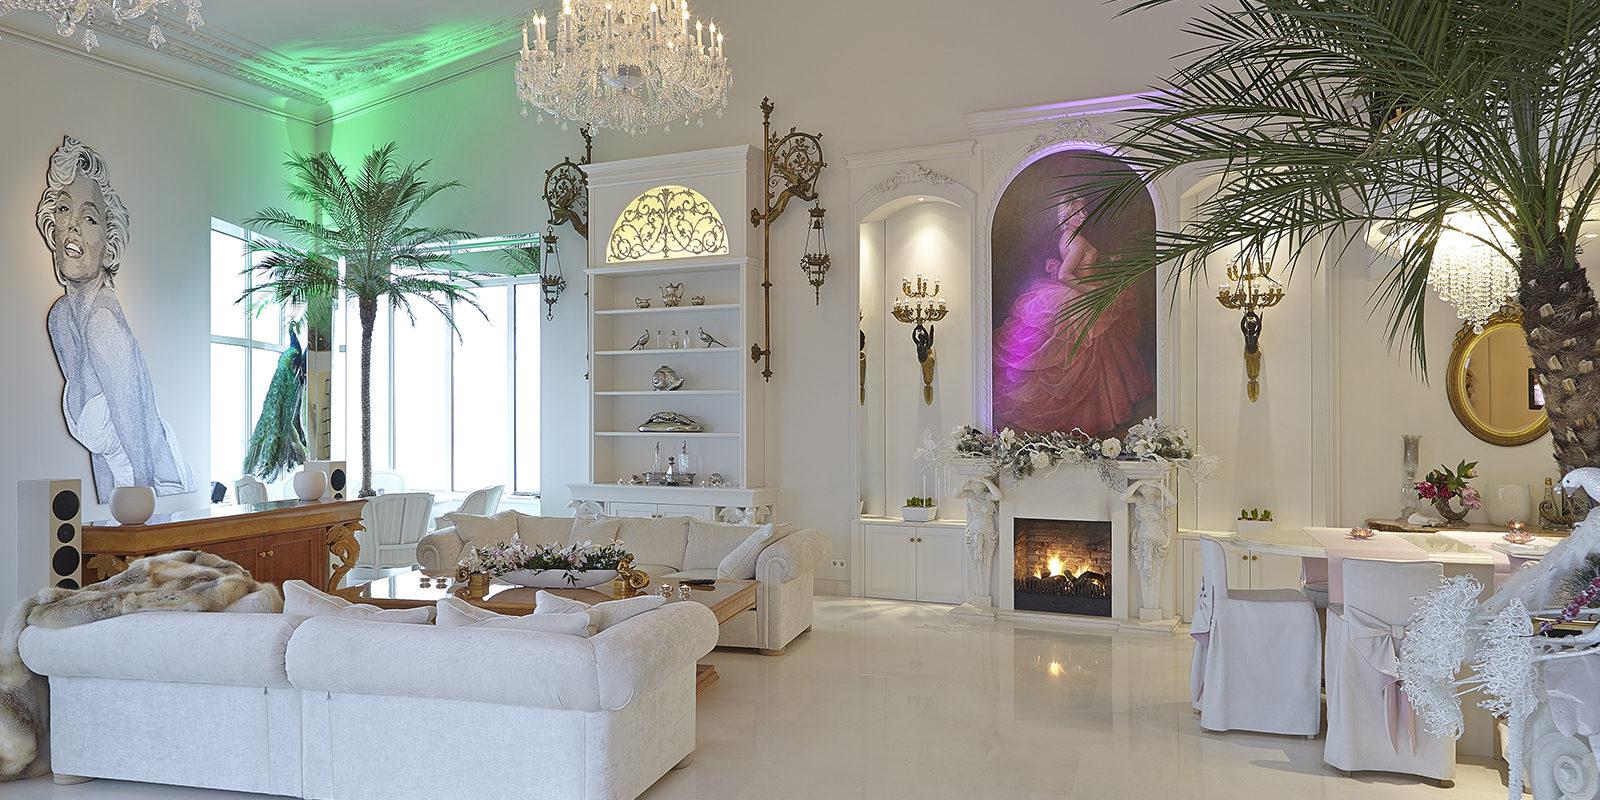 The Art of Living, Exclusief wonen, Bas openhaarden, openhaard, kachel, kunst, kroonluchter, design, interieur, meubilair, planten, modern